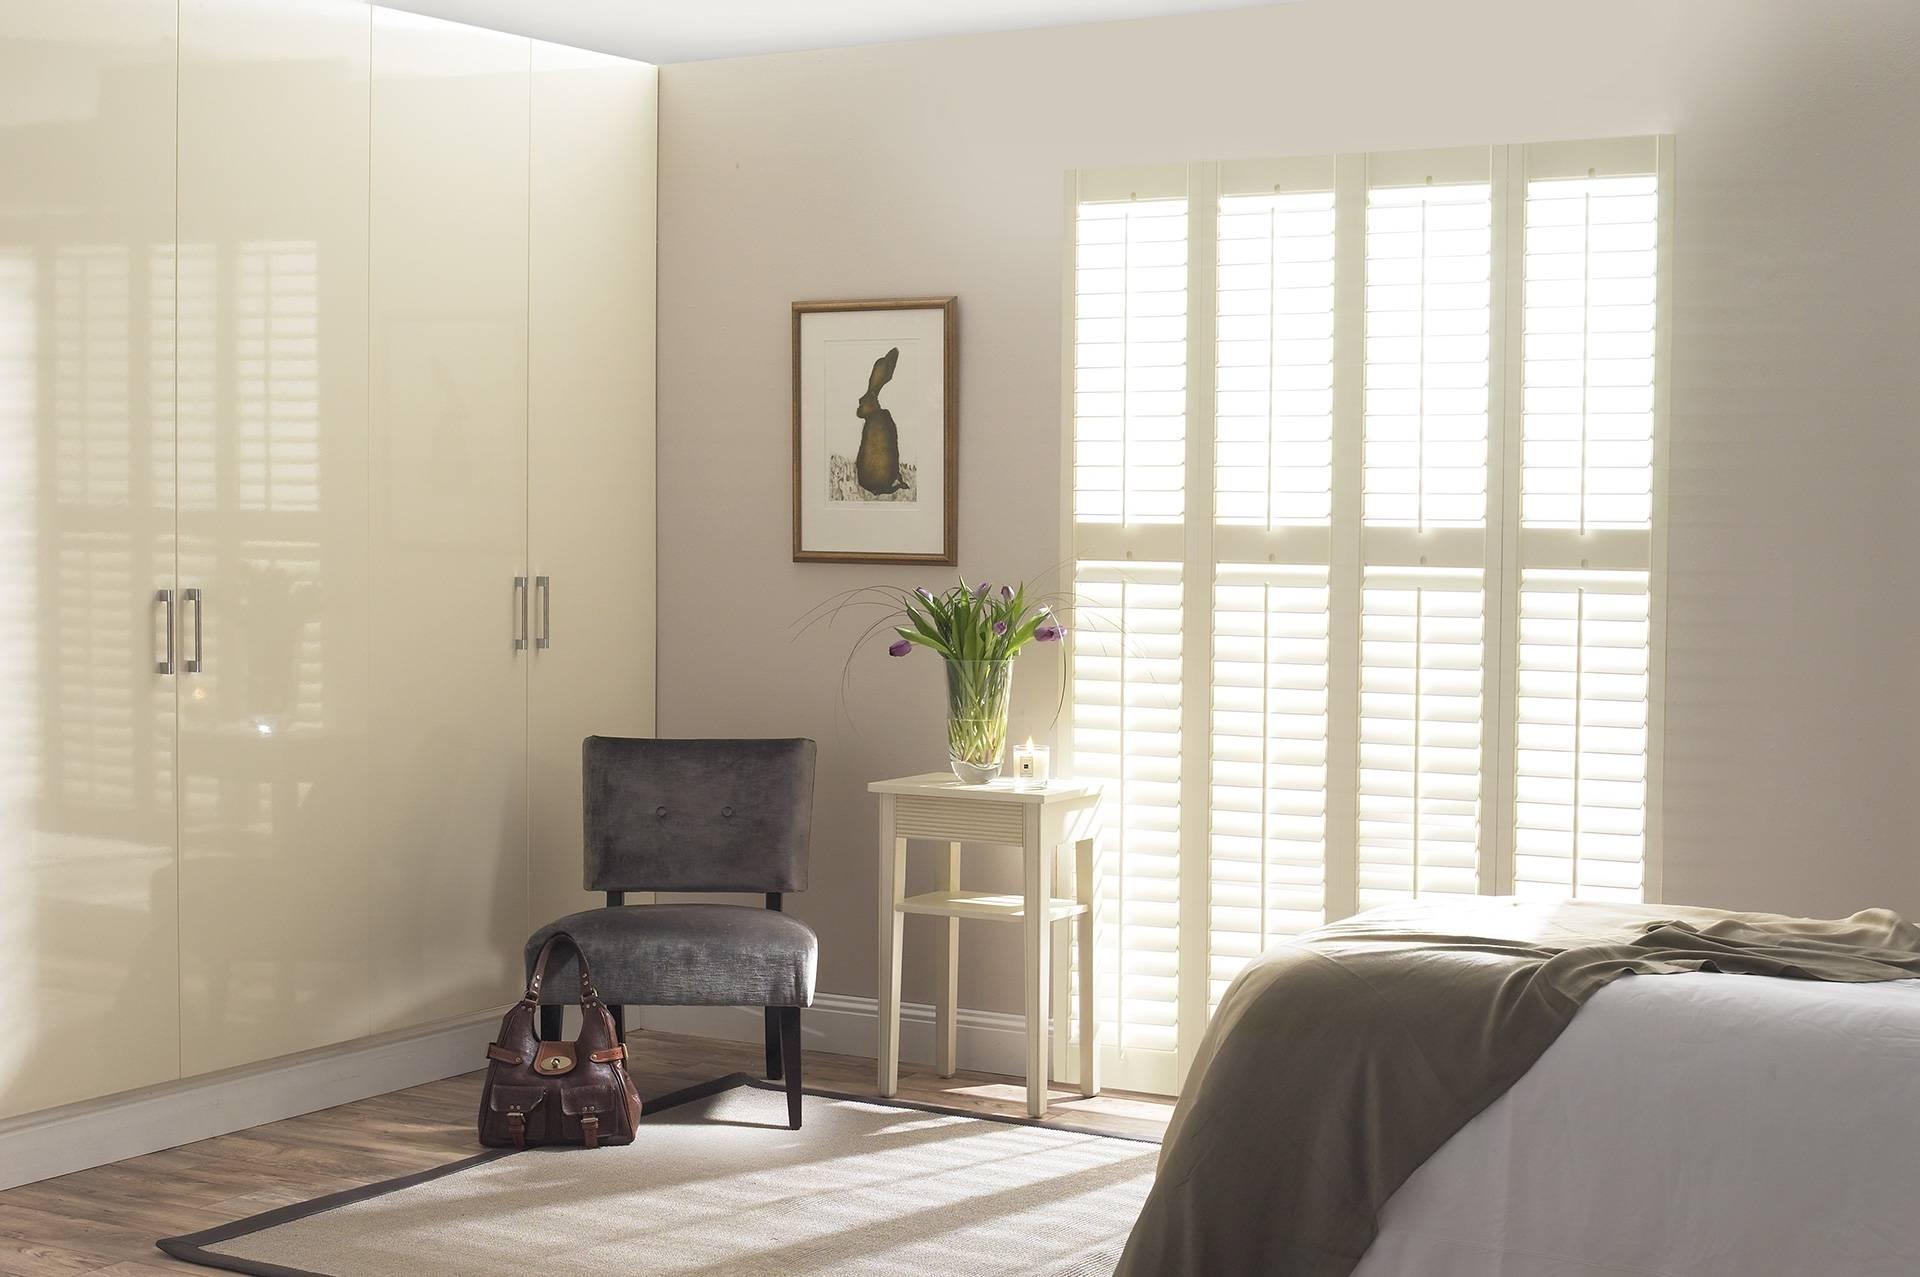 Milan Hinged Wardrobe Doors   Draks within Cream Gloss Wardrobes Doors (Image 9 of 15)